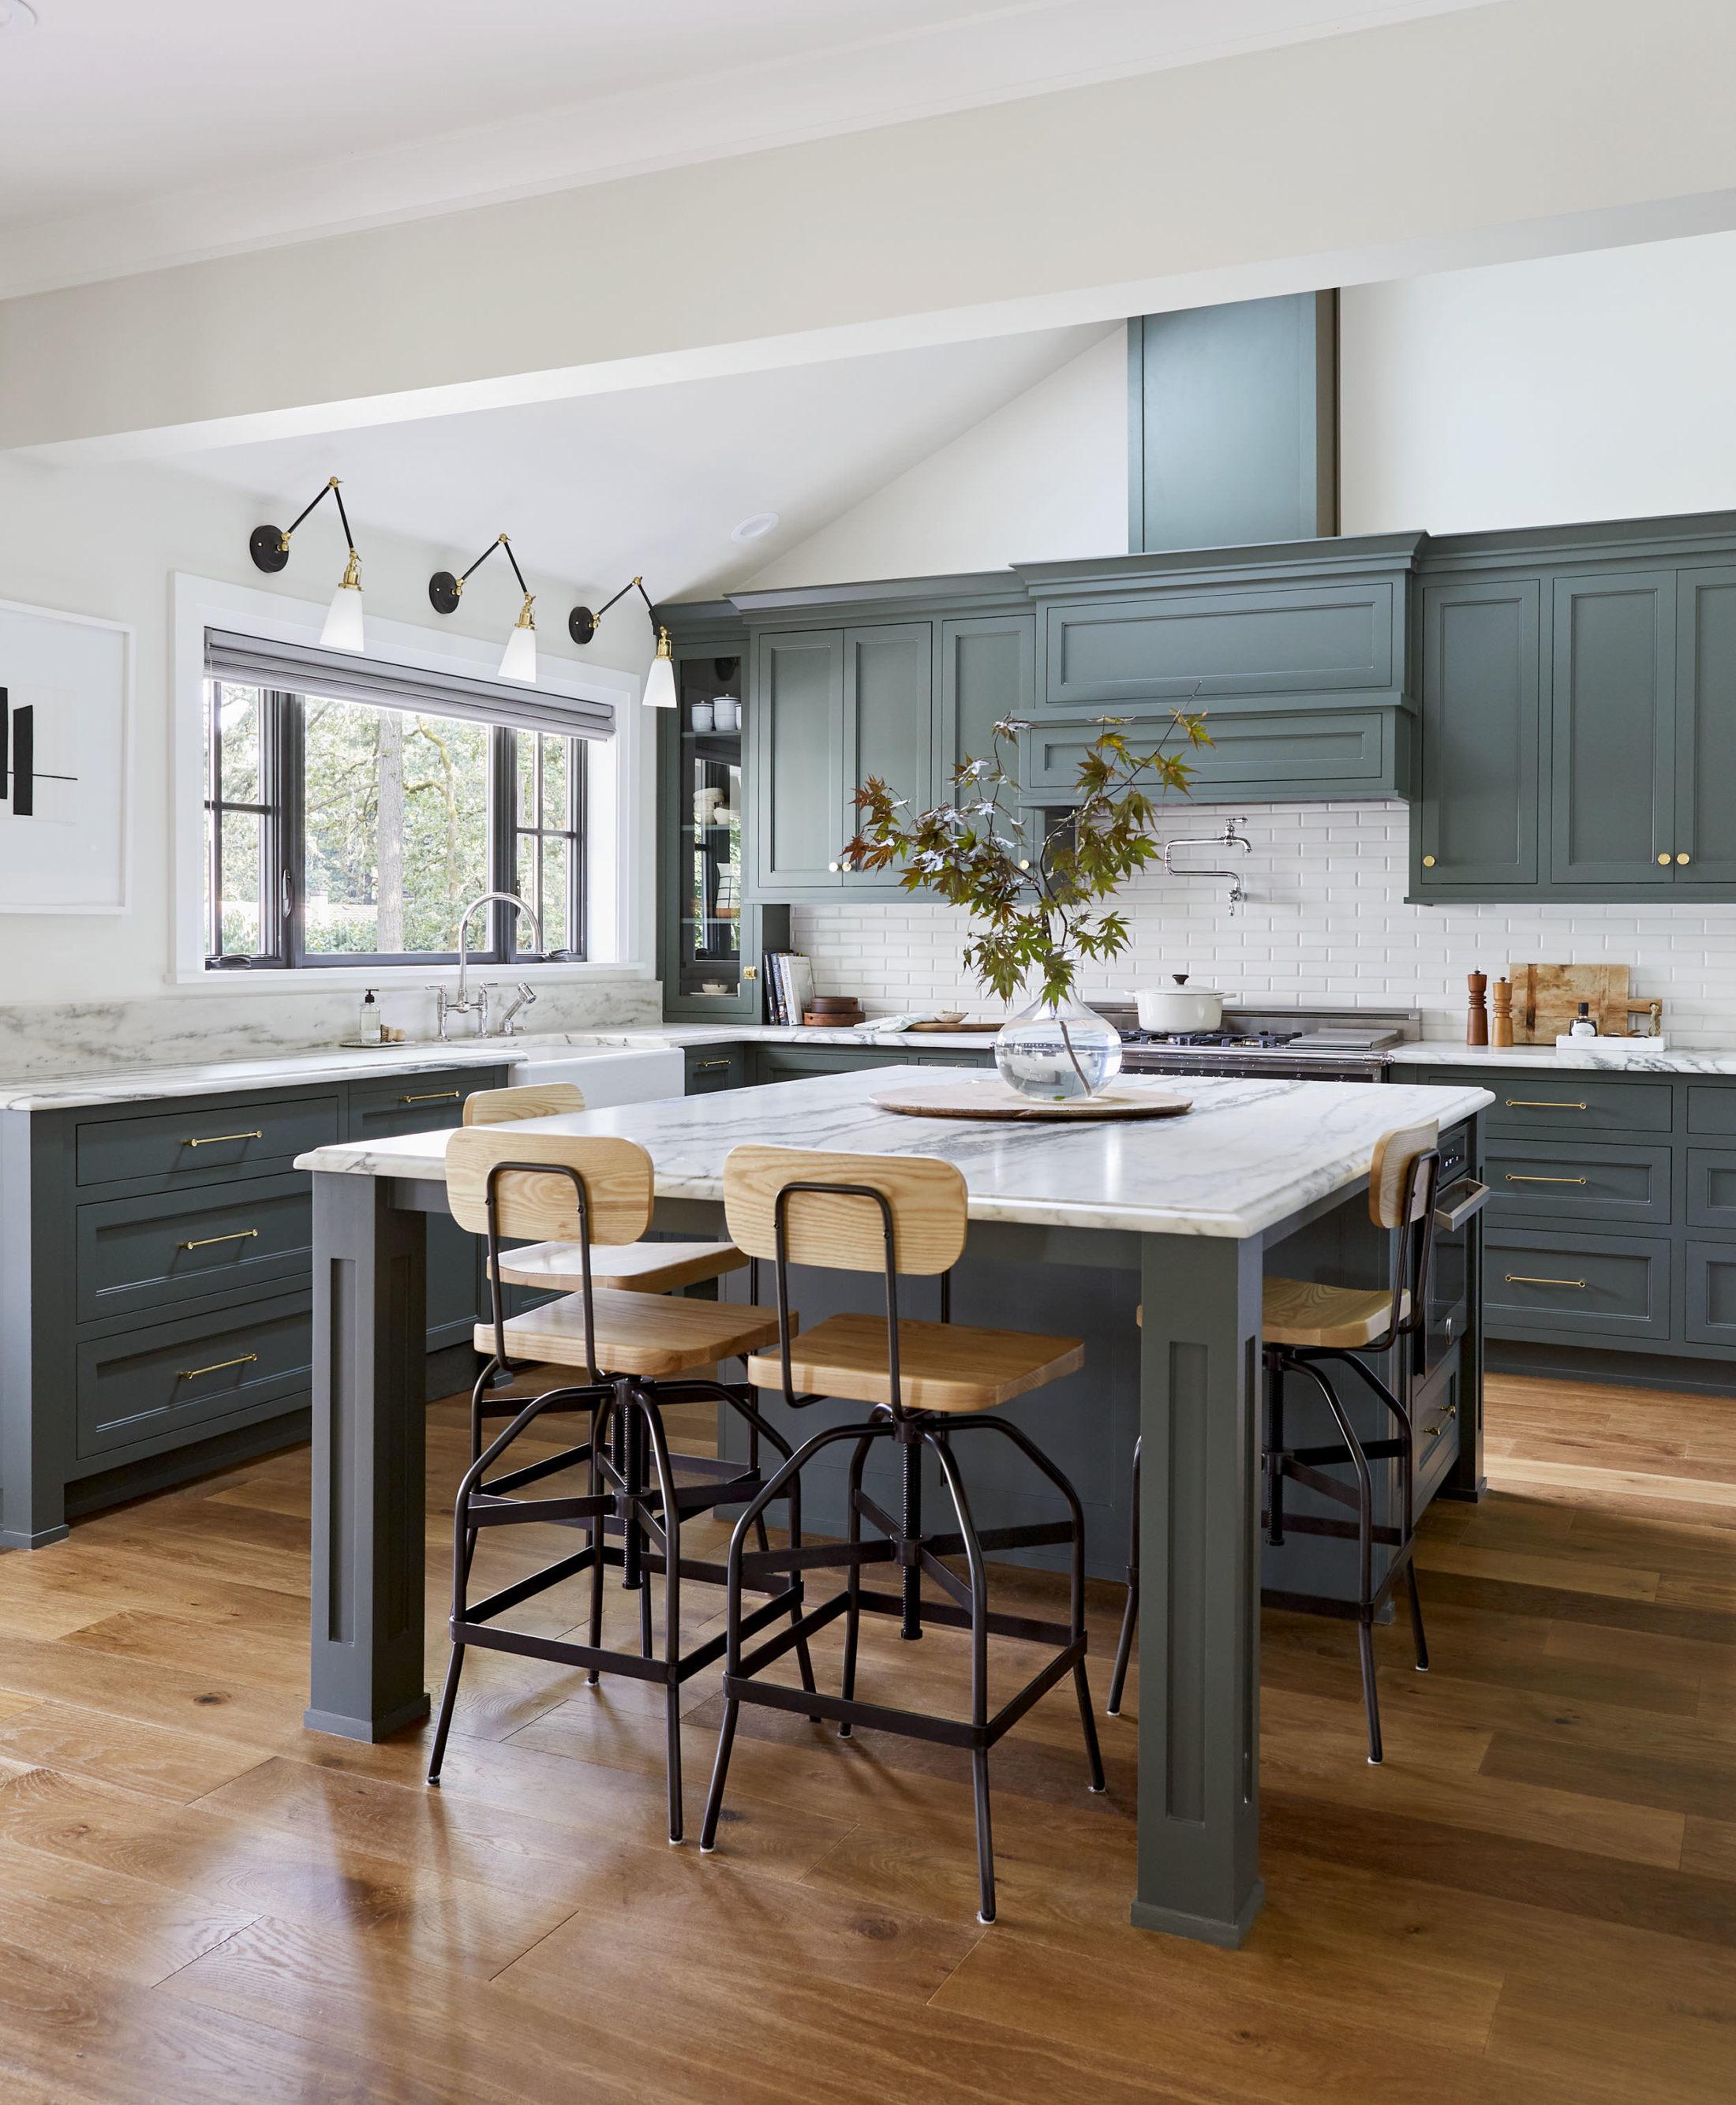 A chic modern home kitchen.